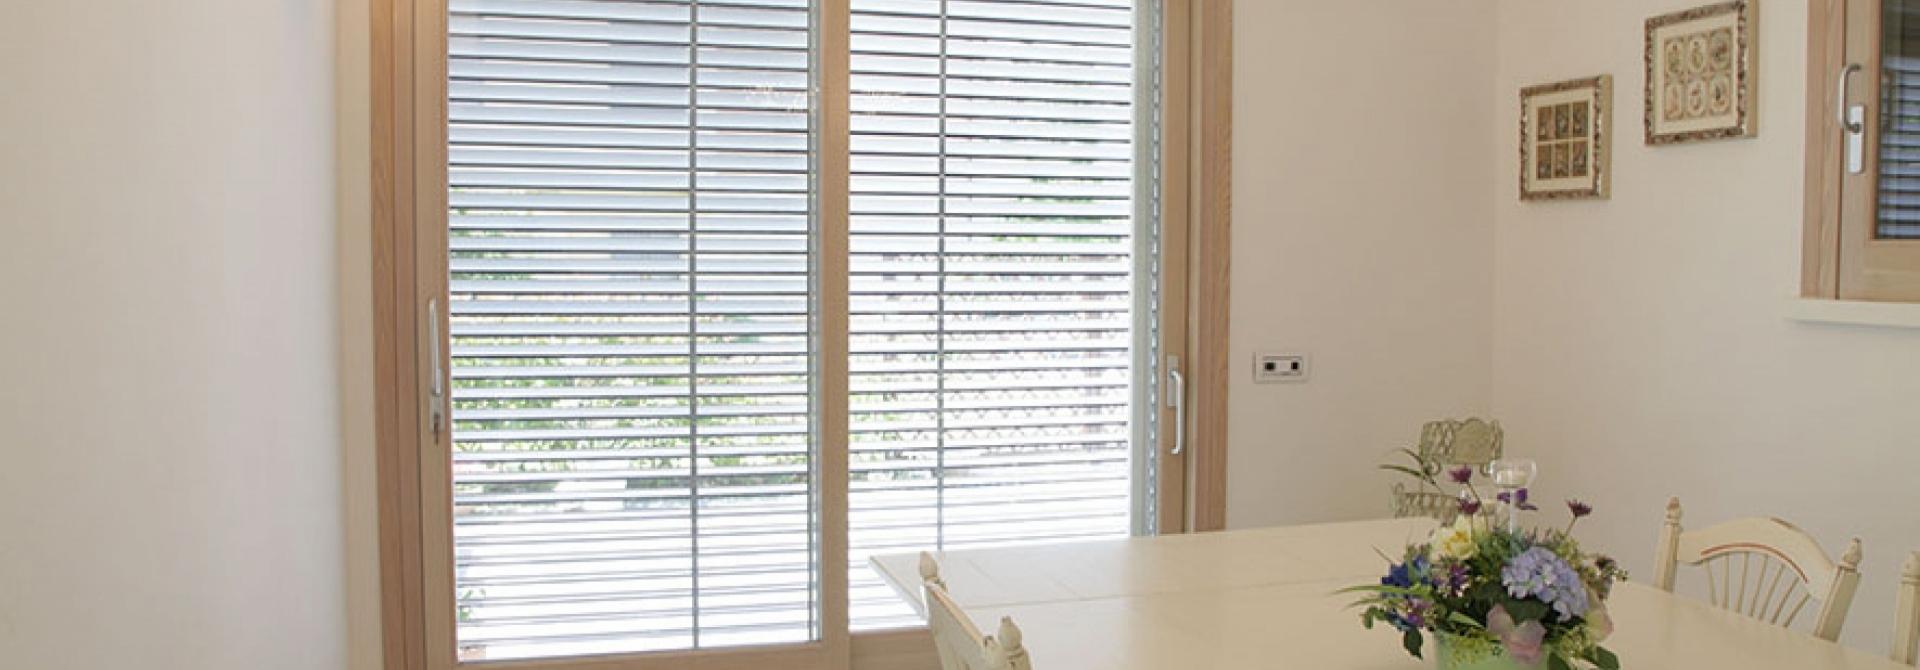 Finestre bologna finestre in legno pvc alliminio legno - Finestre pvc su misura prezzi ...